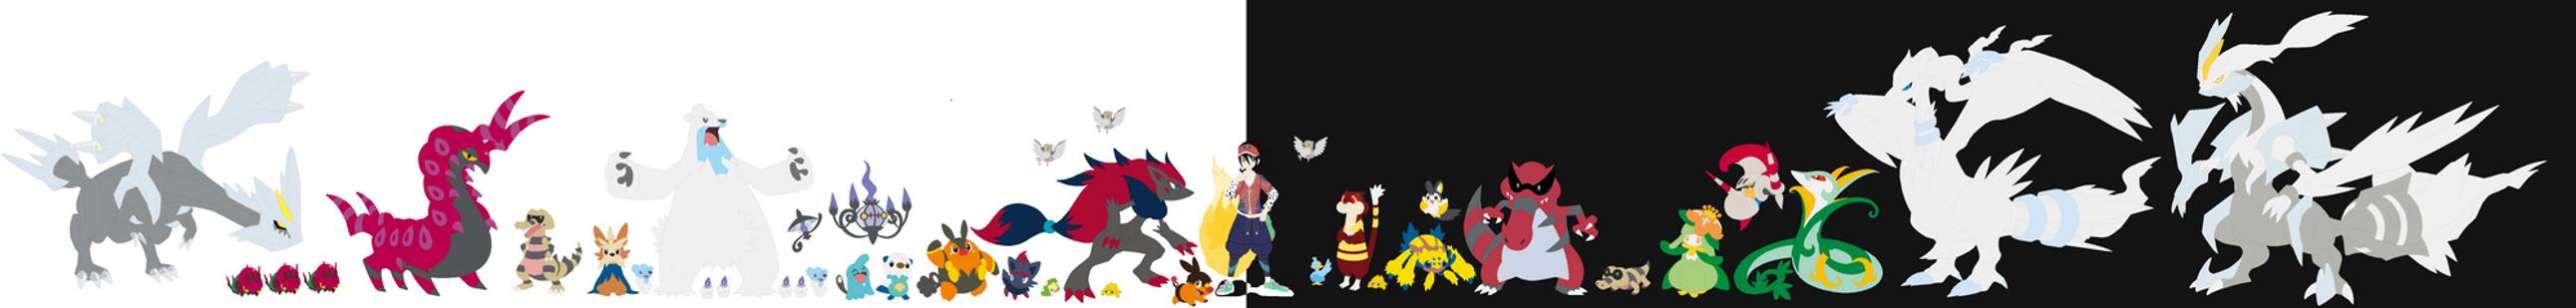 Felix's Unova Team by FelixNFox